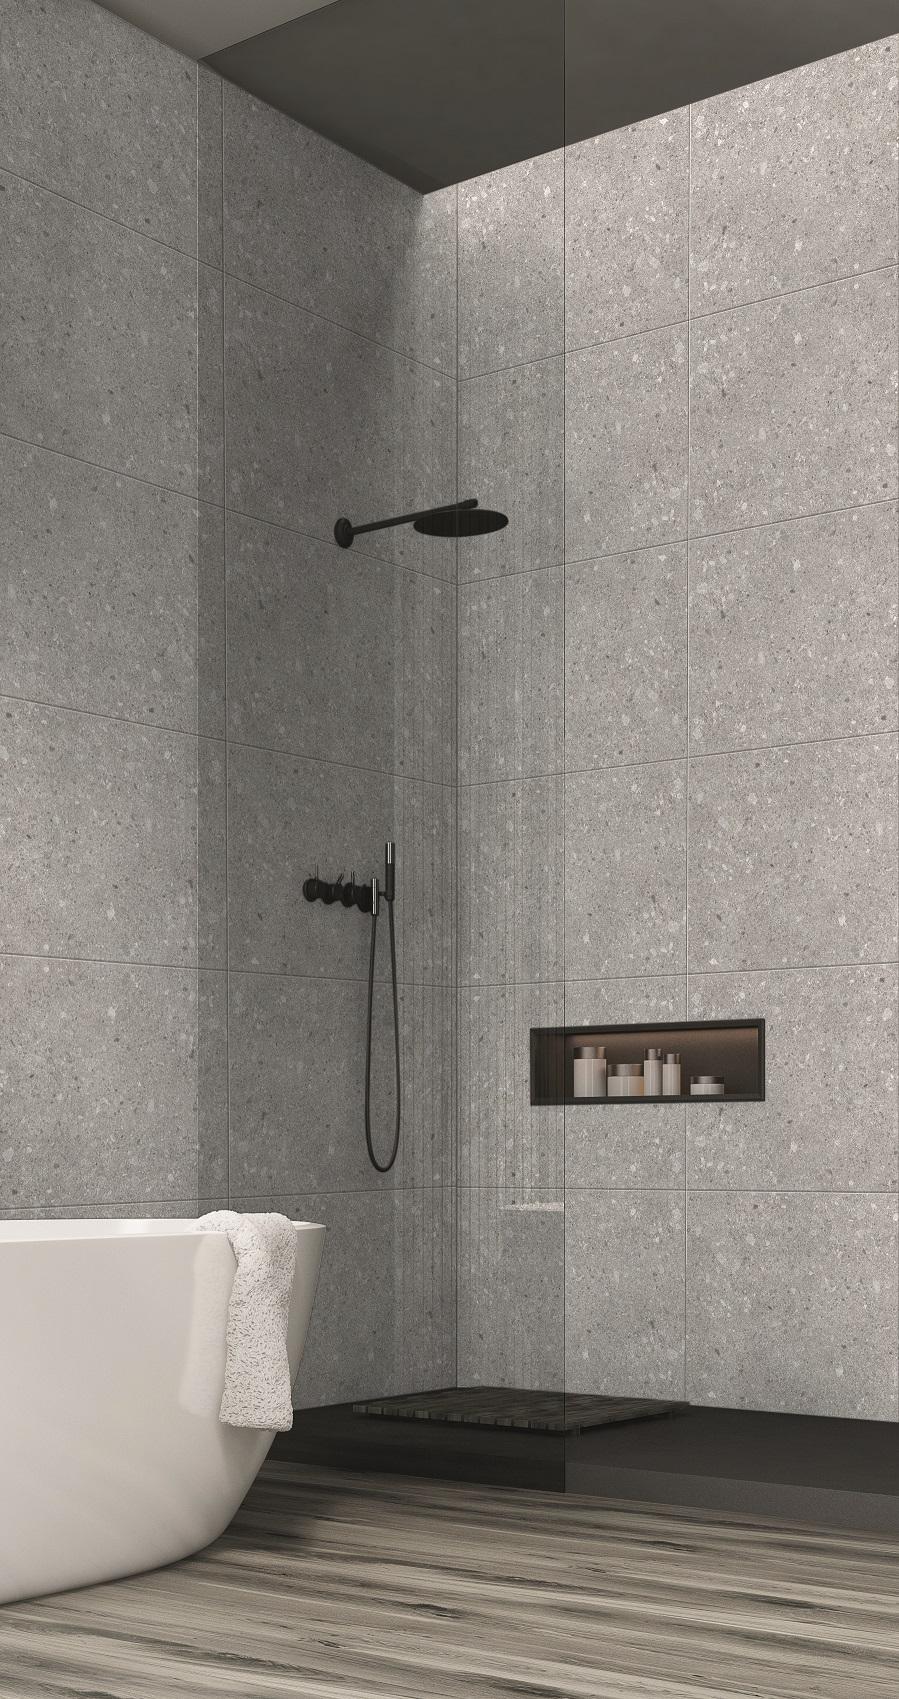 A67 Ceppo di gre - Masq Revela Tiles Premium